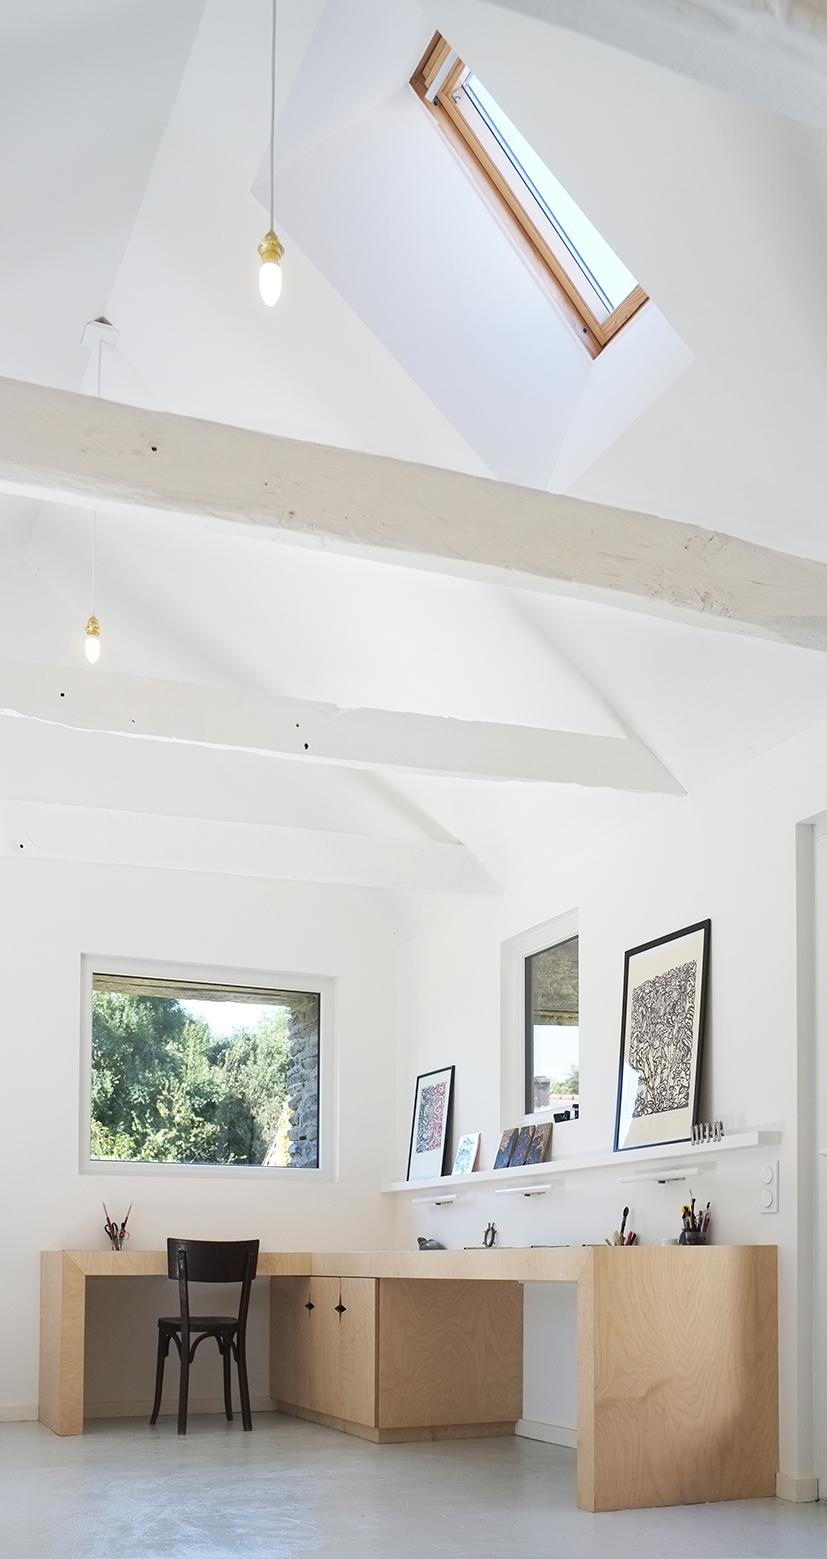 Atelier d'Artiste / Modal Architecture (16)